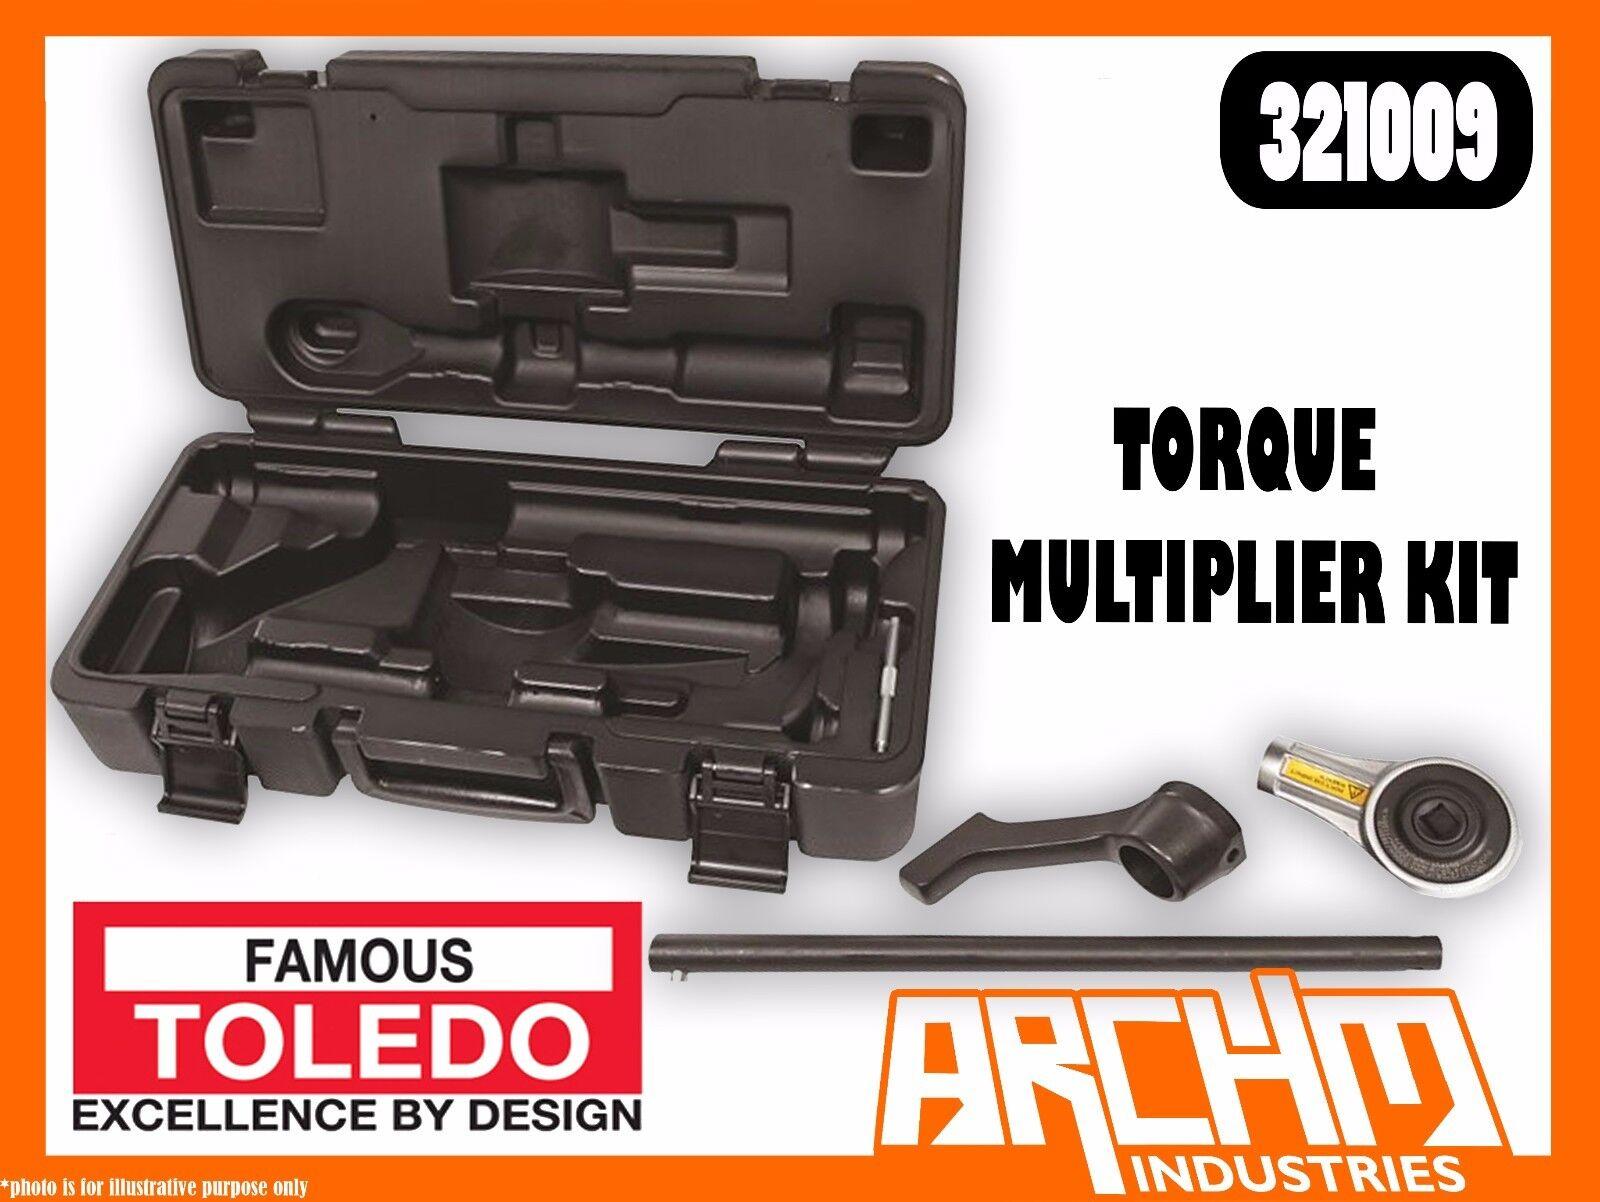 TOLEDO 321009 -  TORQUE MULTIPLIER KIT - EXTENSION BAR - STABILISER